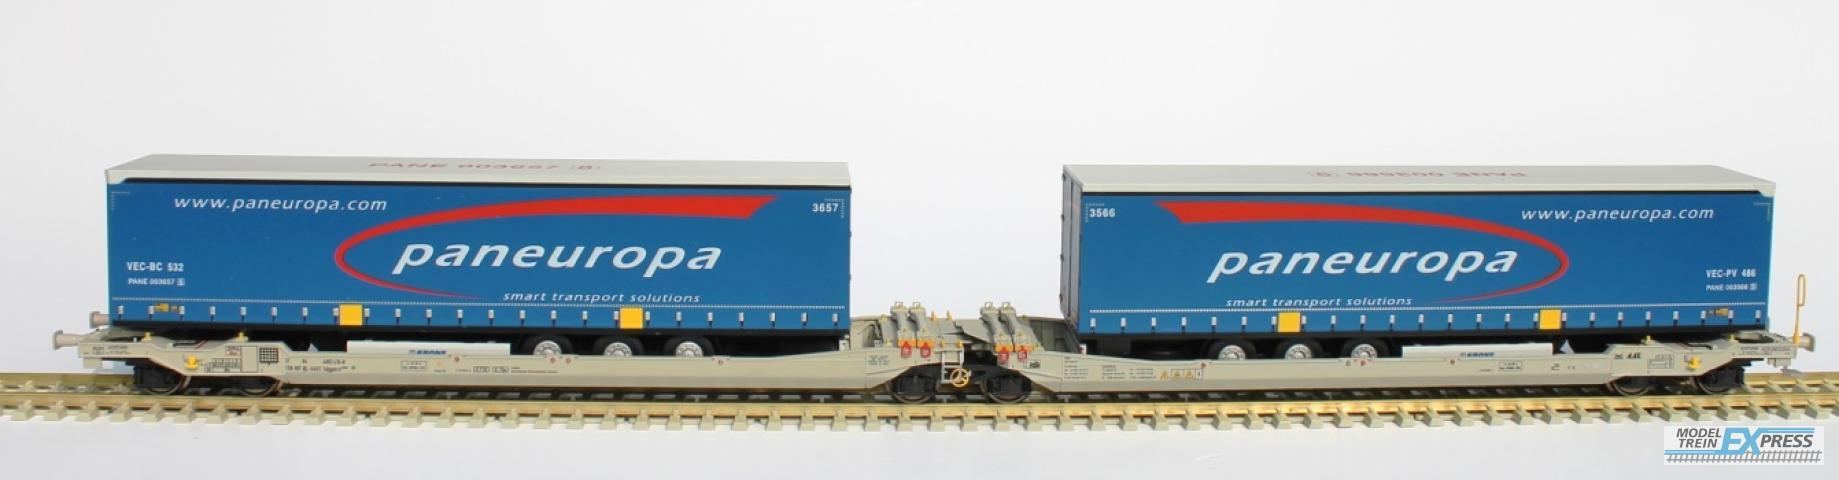 Rocky-Rail 90335